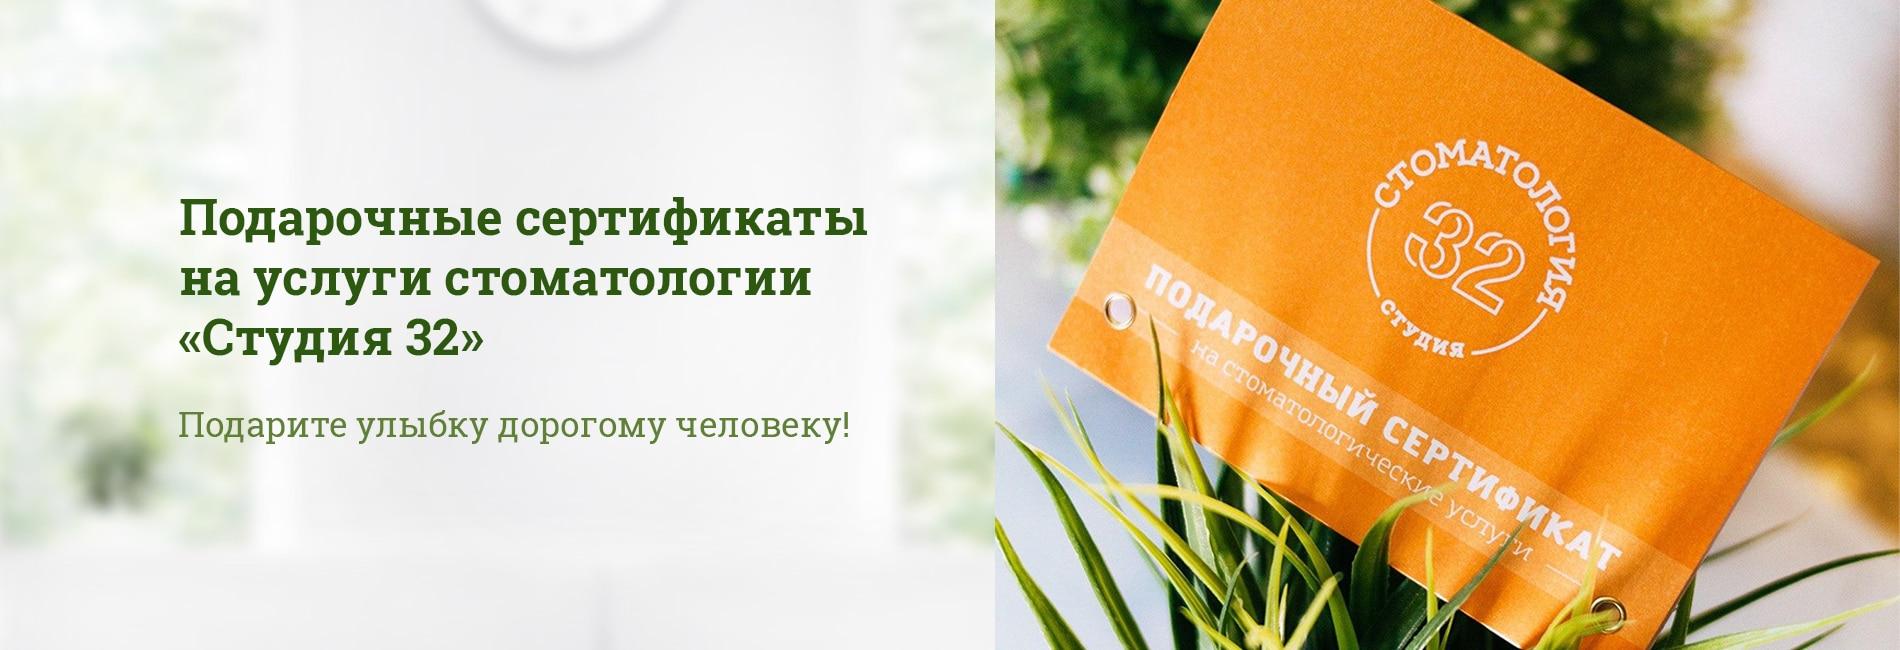 """Подарочный сертификат на услуги стоматологии """"Студия 32"""""""